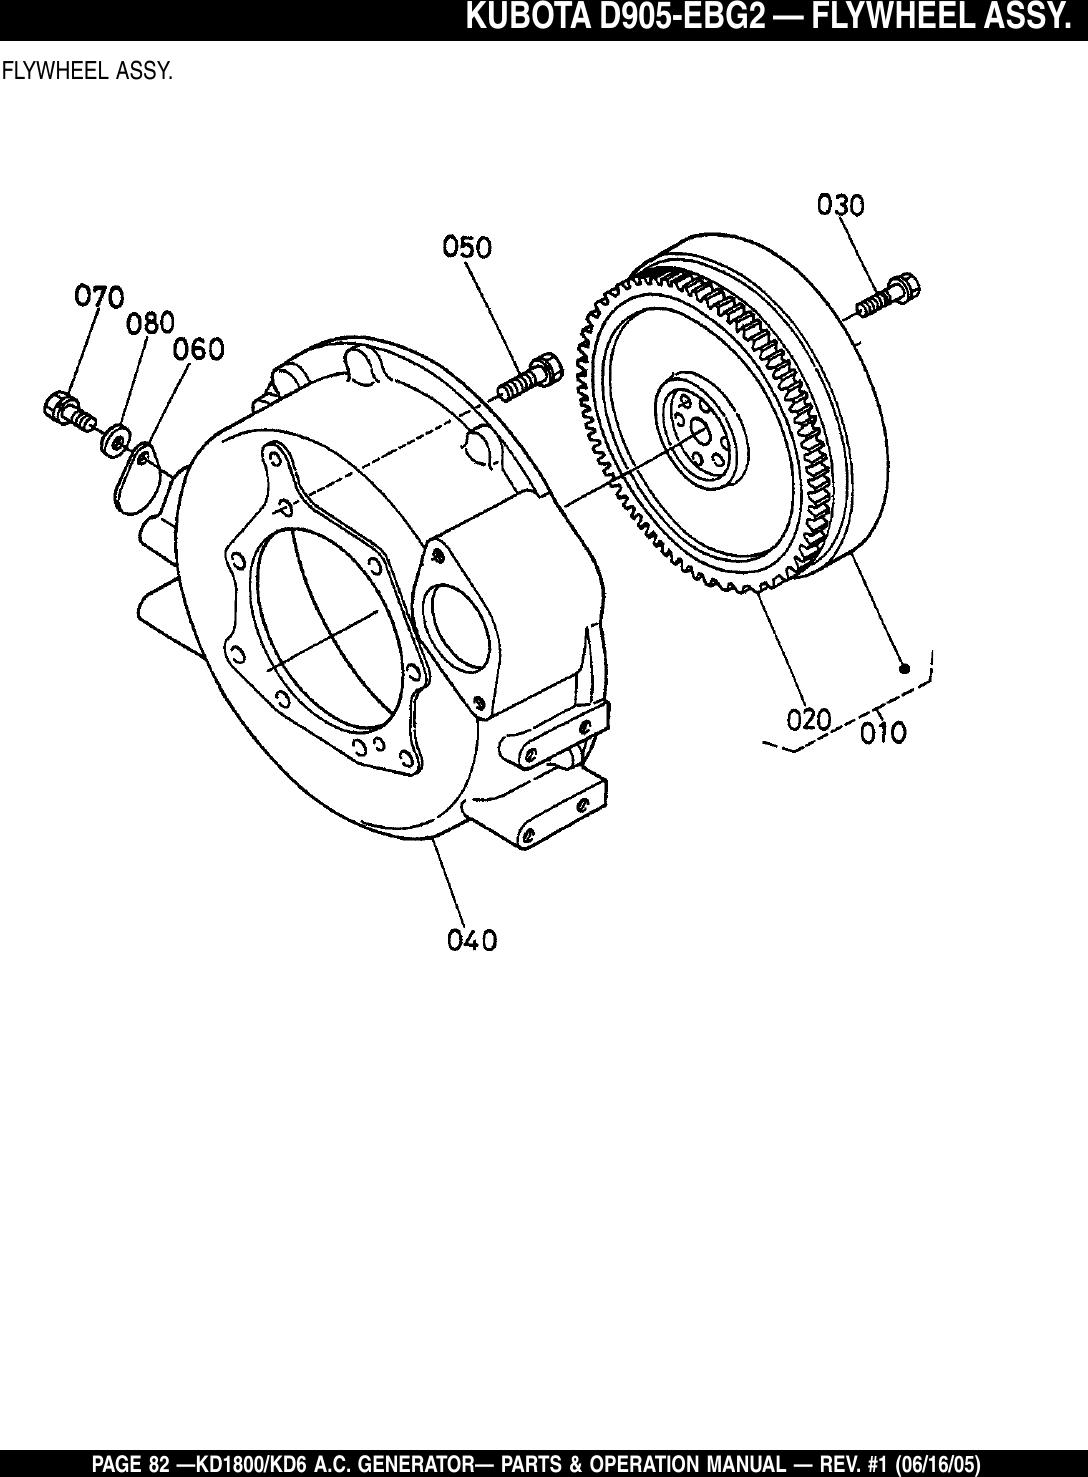 Kubota D905 Wiring Diagram Wiring Diagram